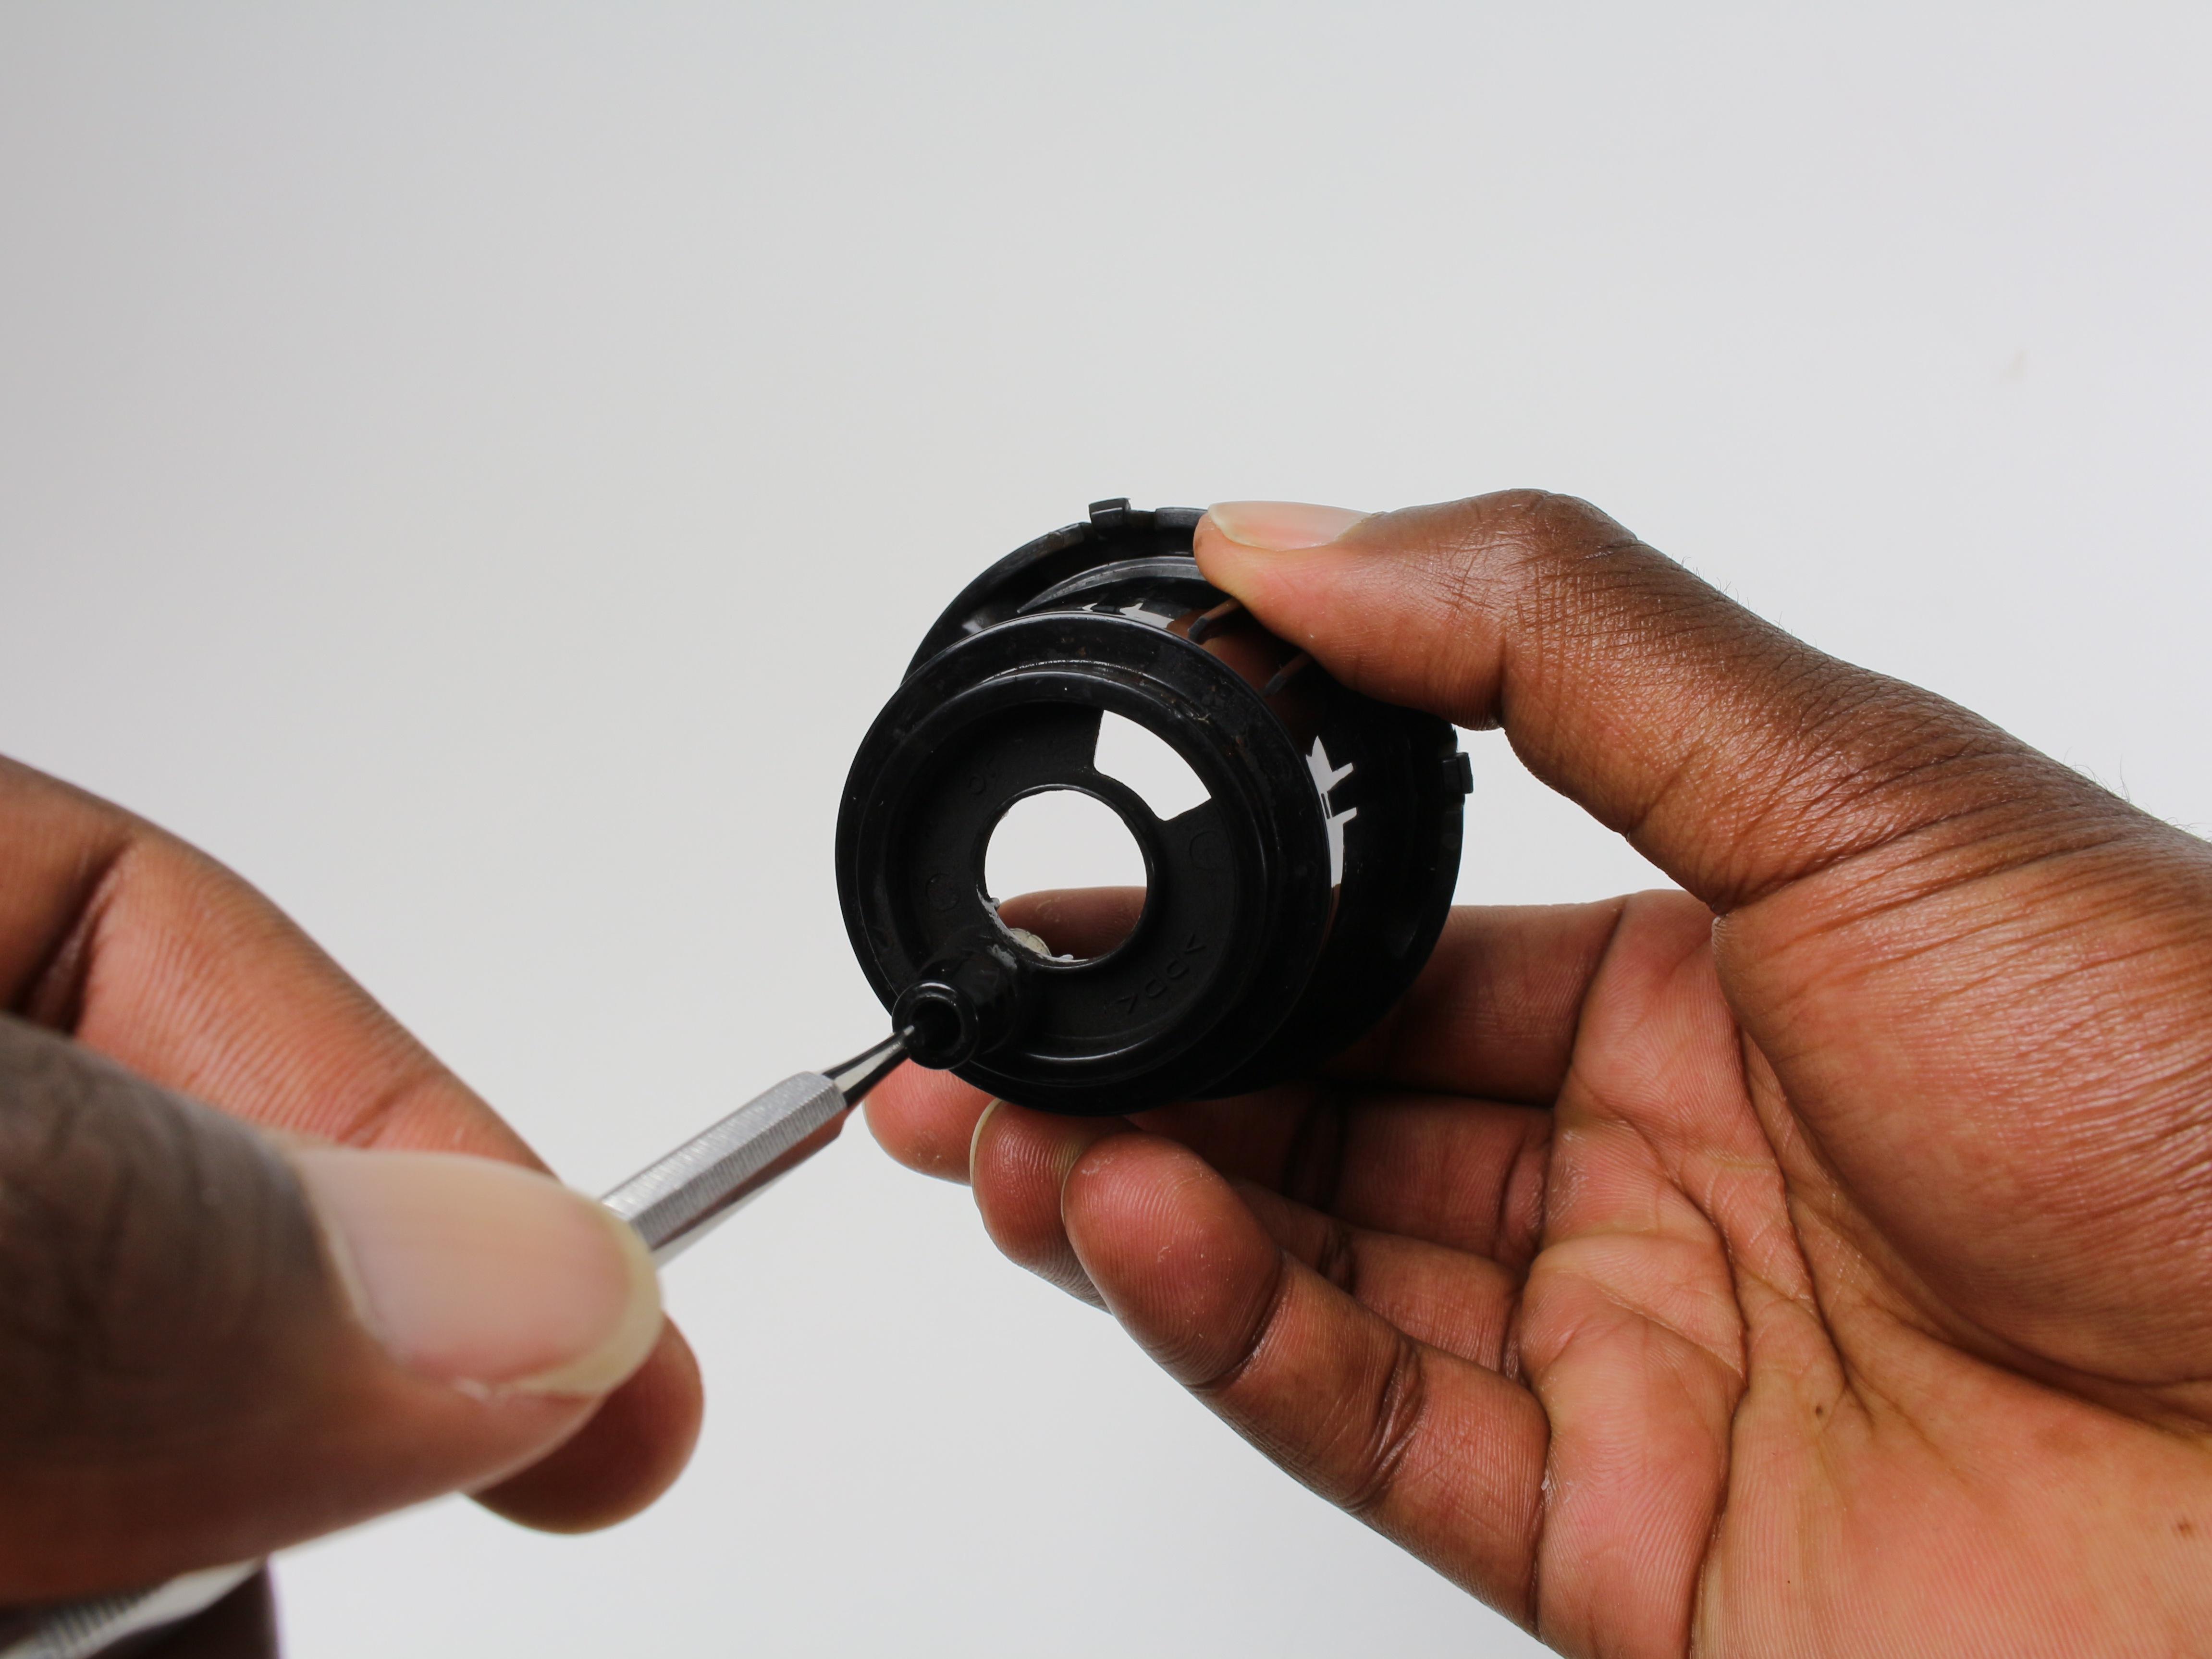 keurig 2.0 needle maintenance instructions